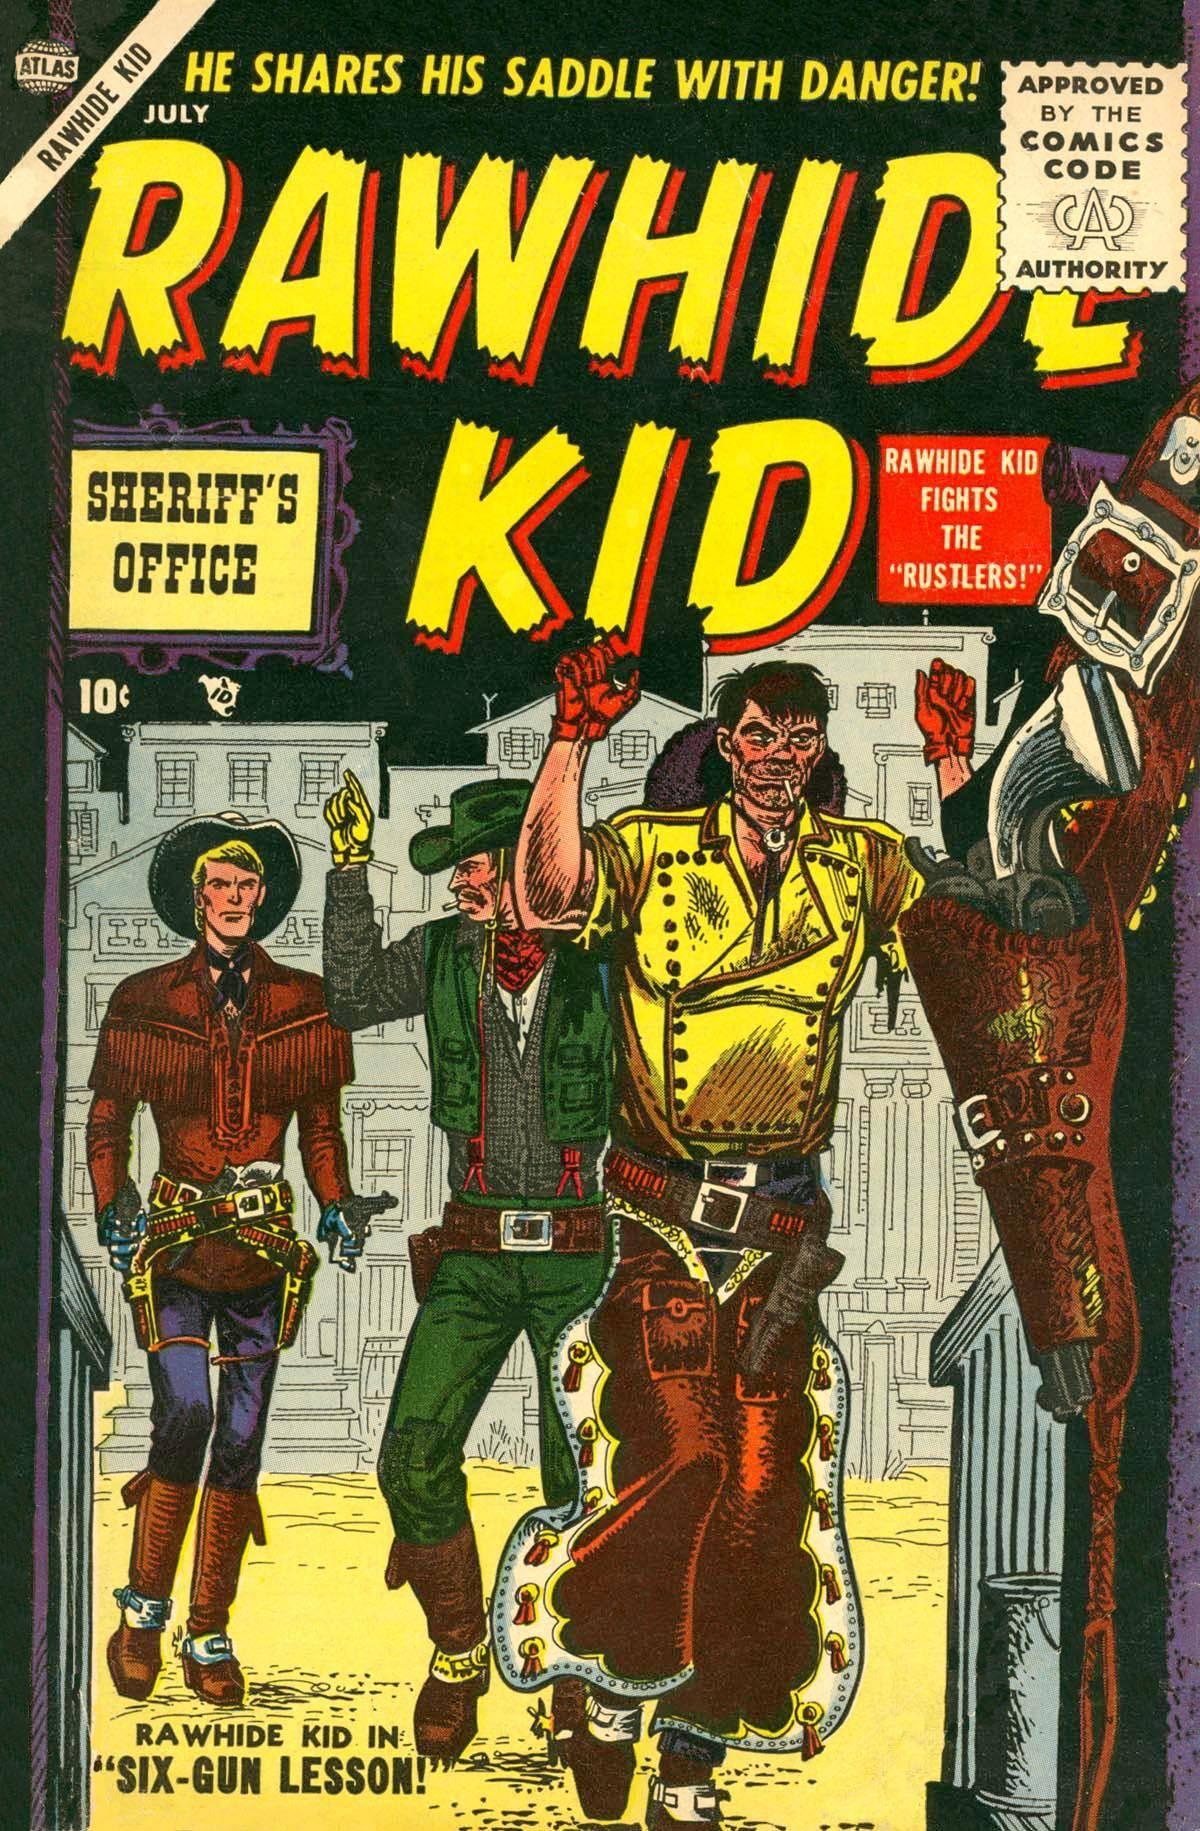 Rawhide Kid v1 003 1955